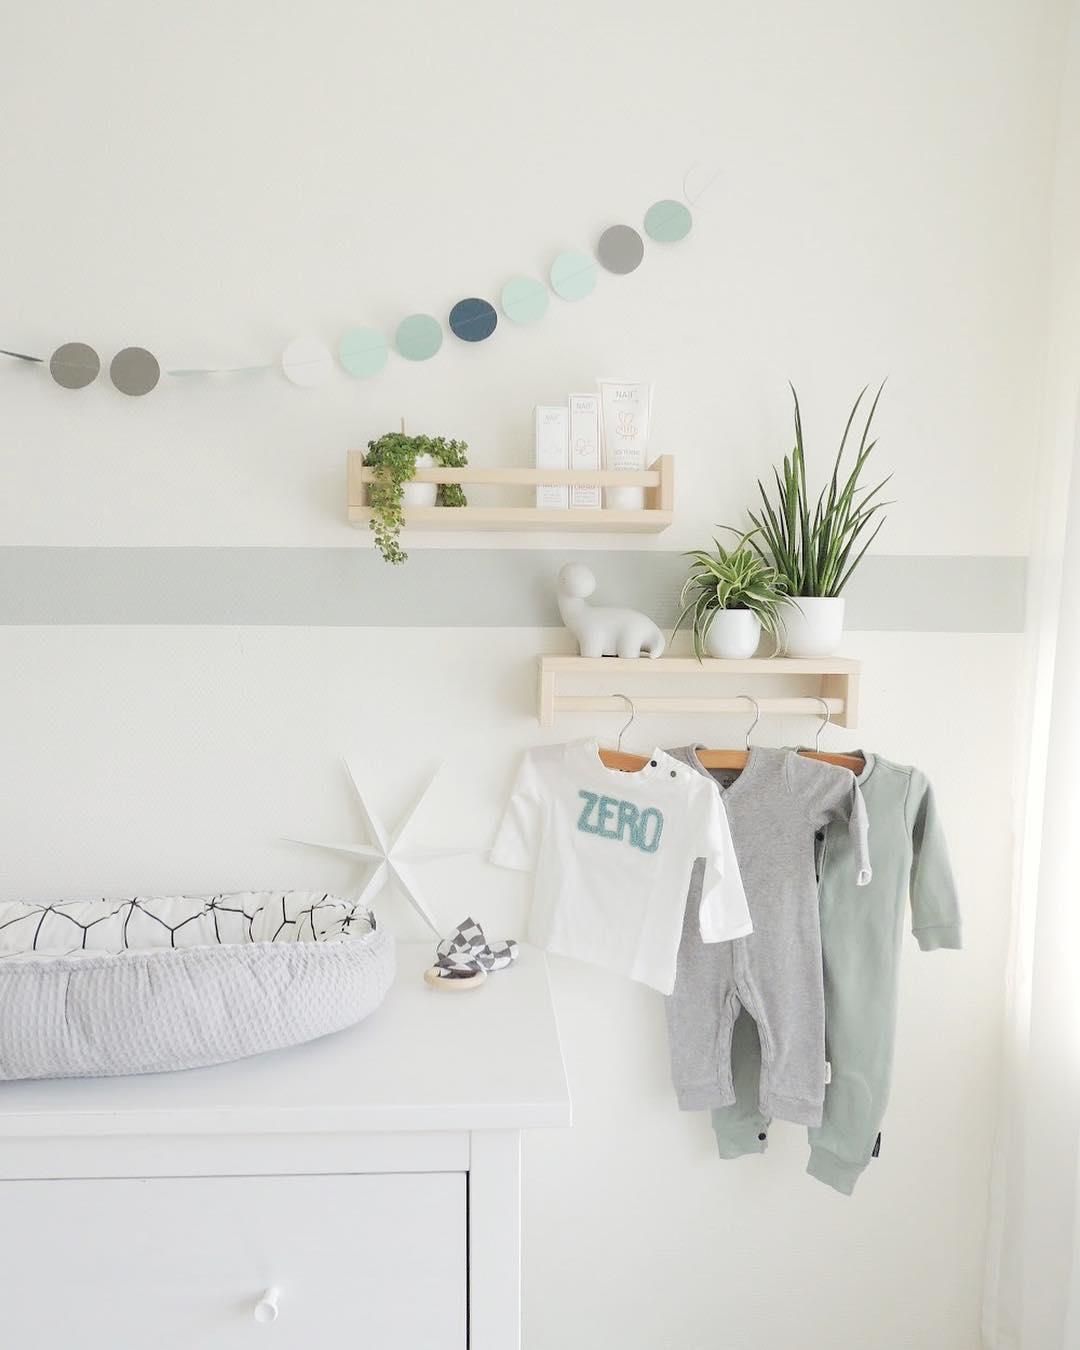 Ikea bekvam hack chambre bébé blanc gris turquoise meuble étoile blanche